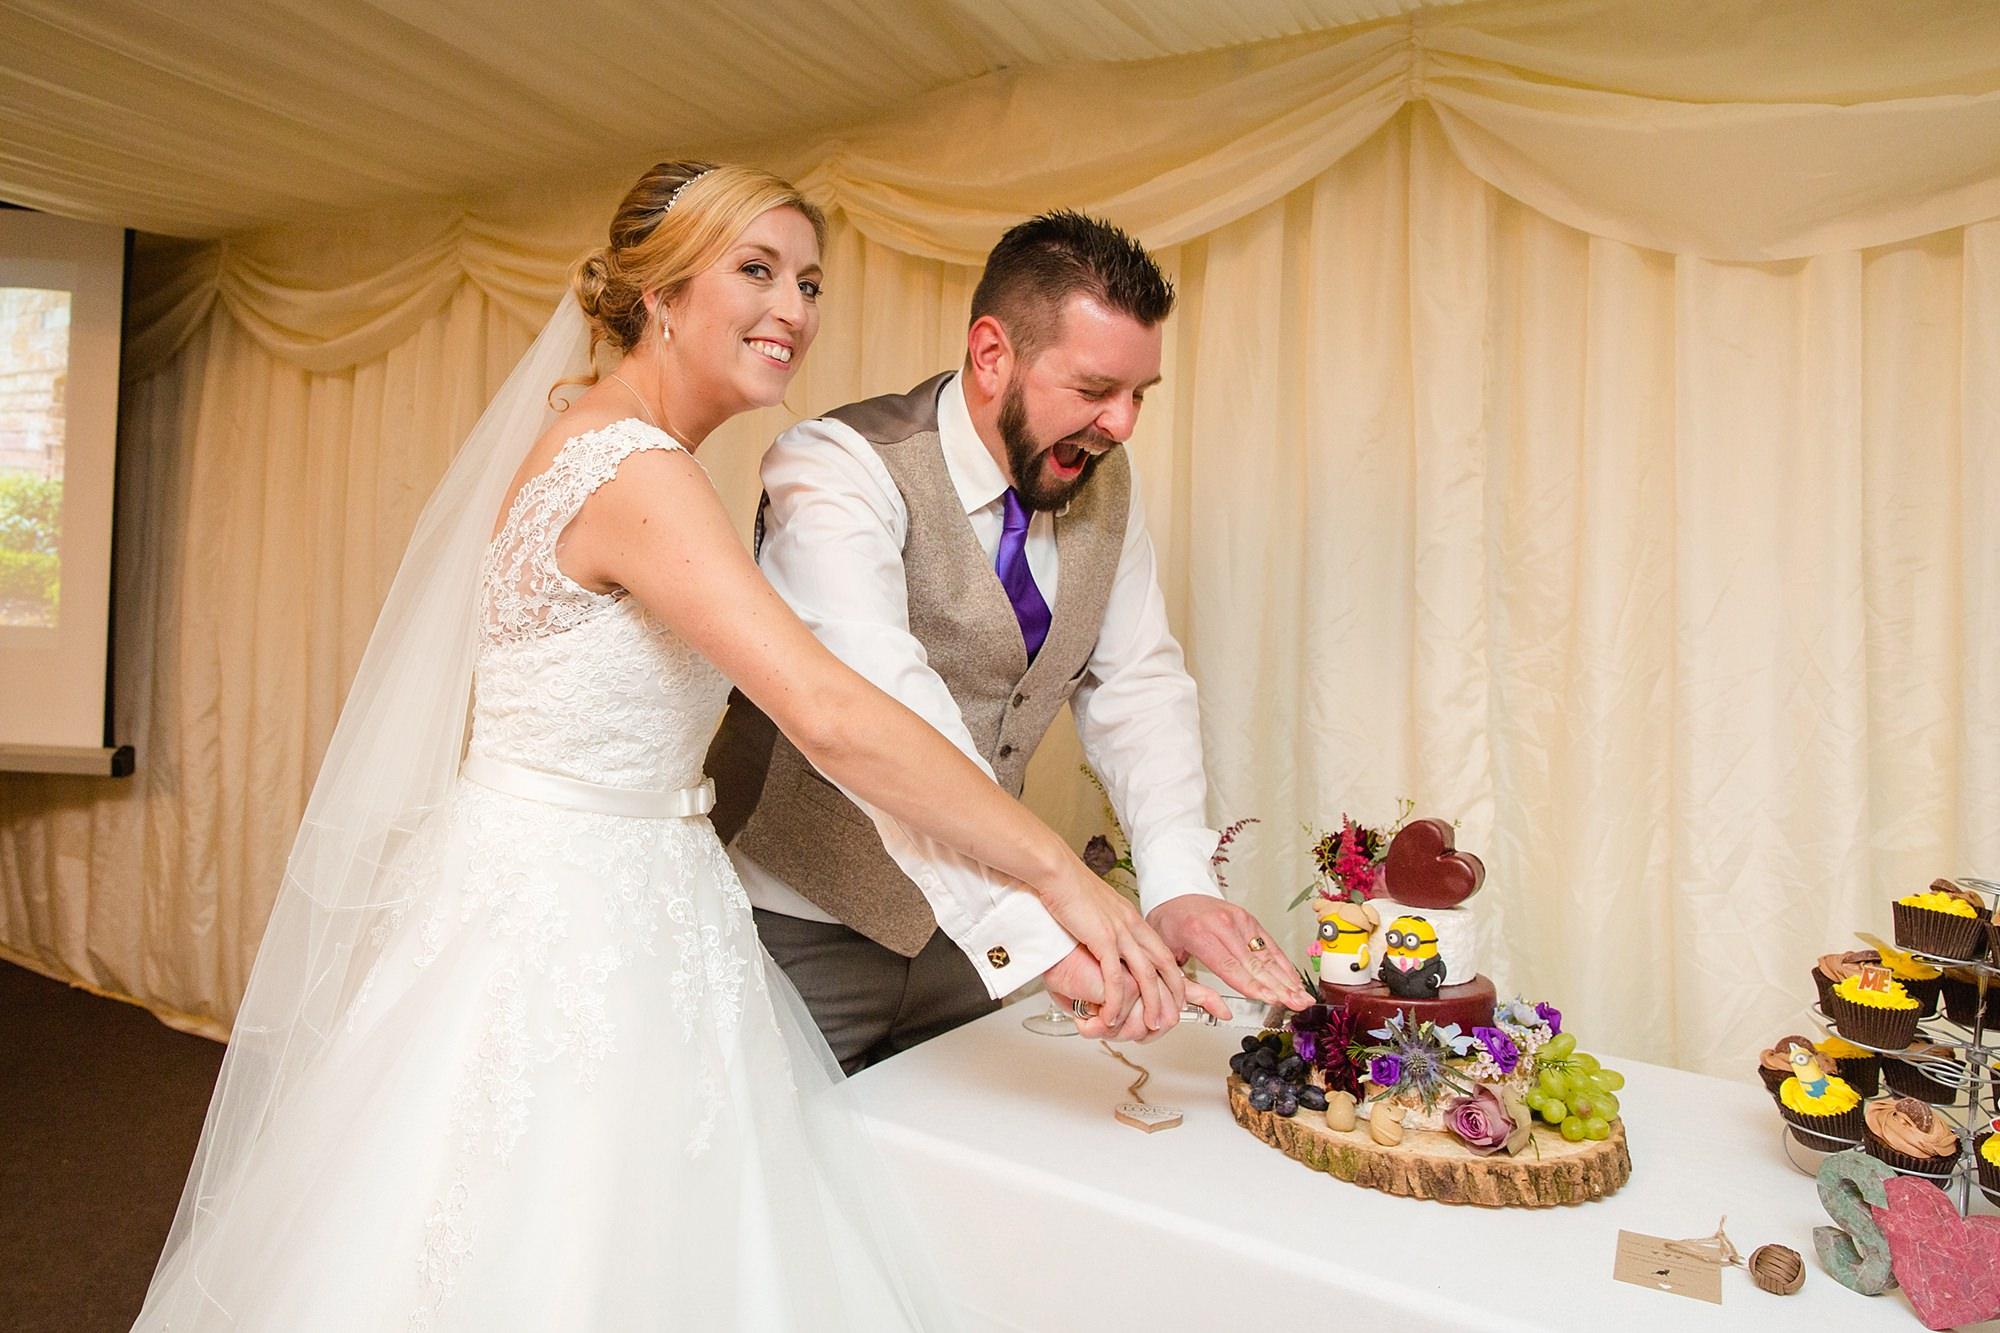 A fun wedding portrait of cake cutting